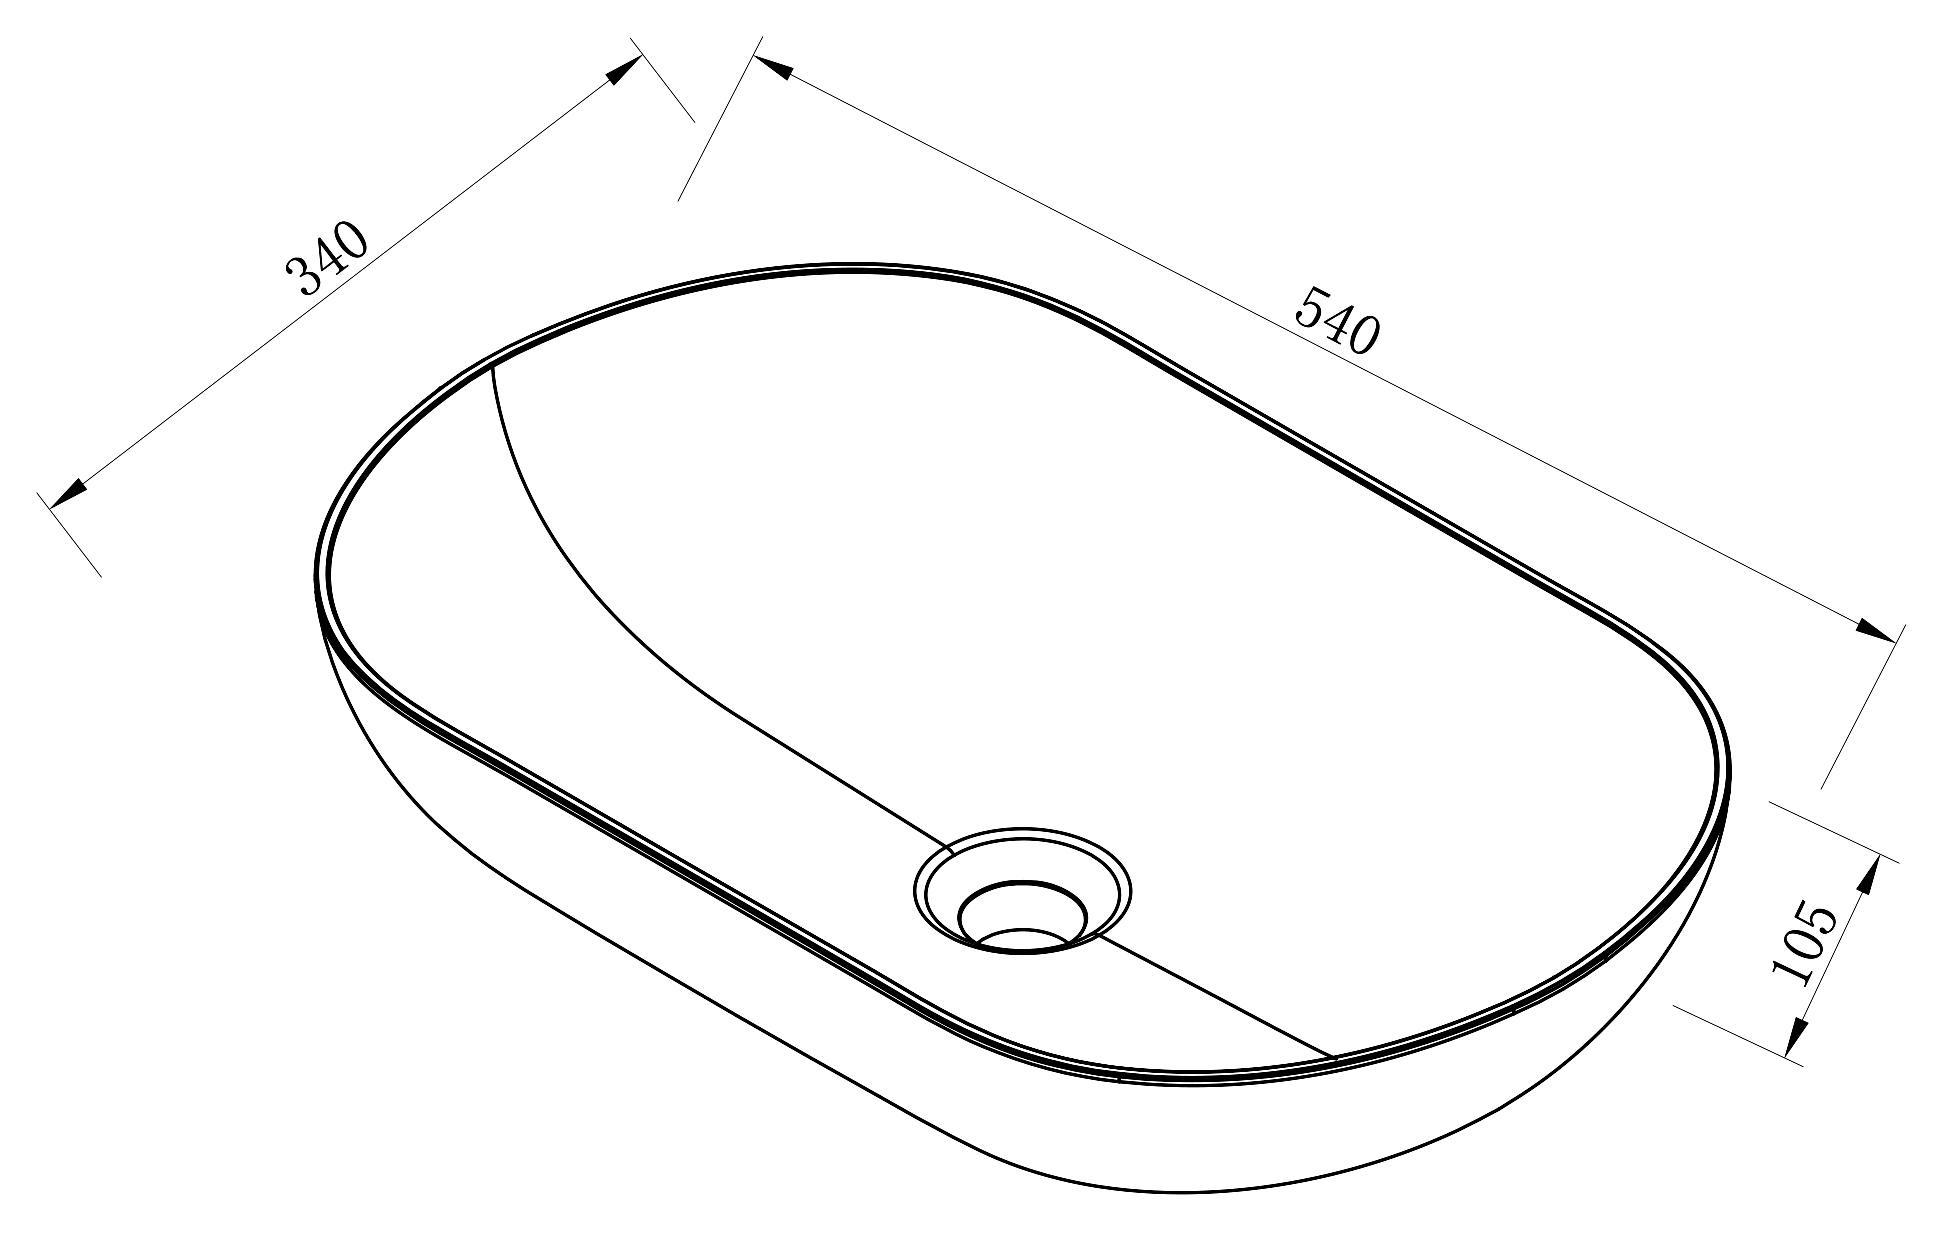 Aufsatzwaschbecken O-540 - Zeichnung